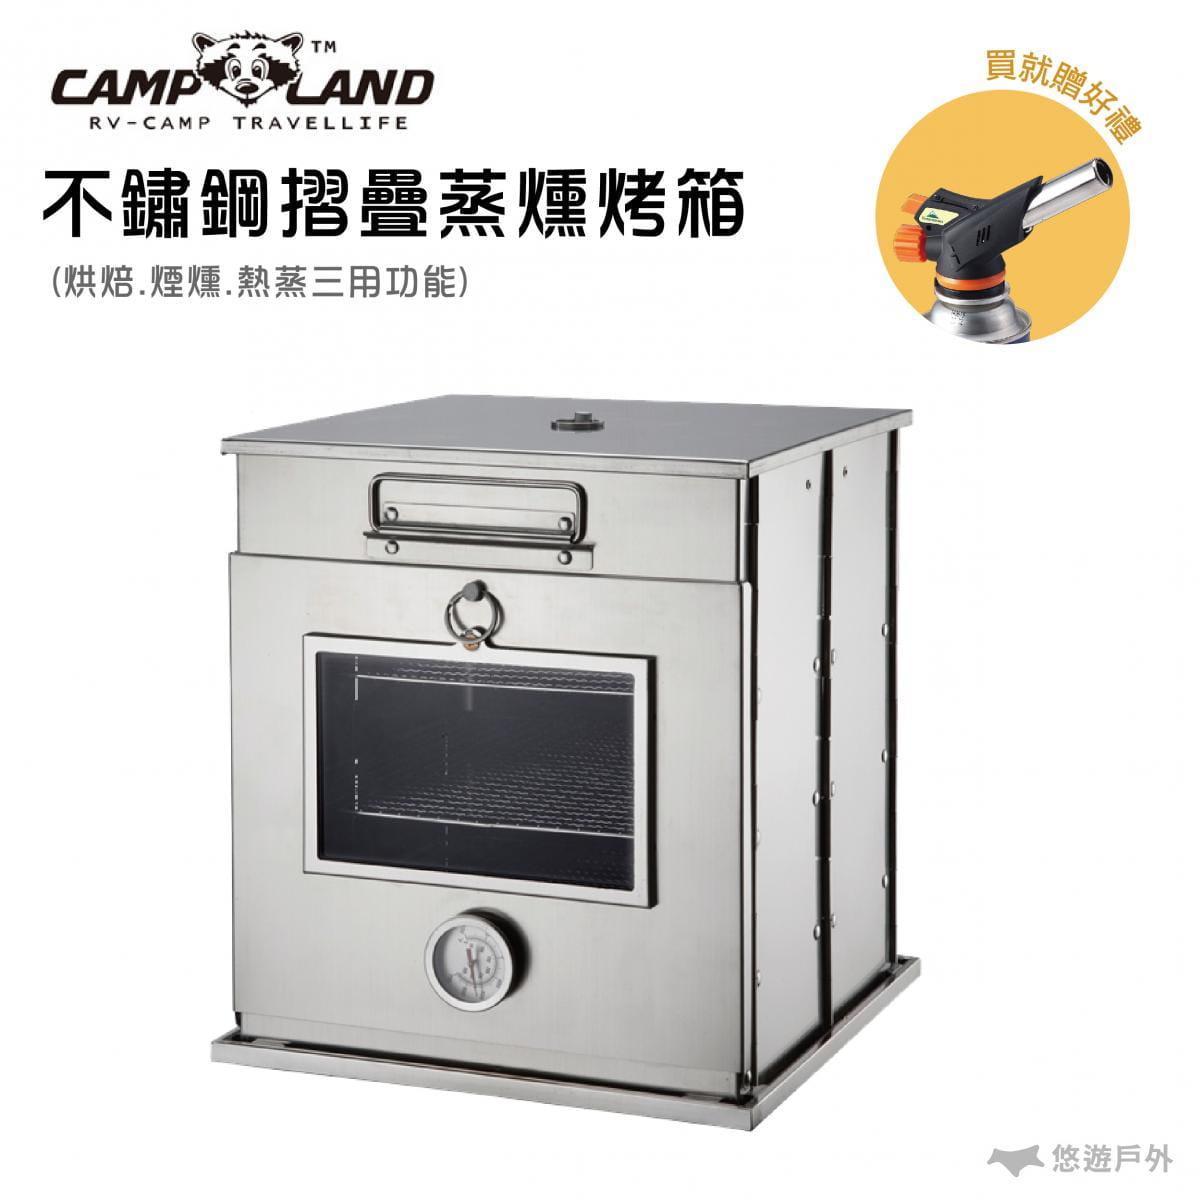 【悠遊戶外】CAMP LAND 高級不鏽鋼摺疊烤箱